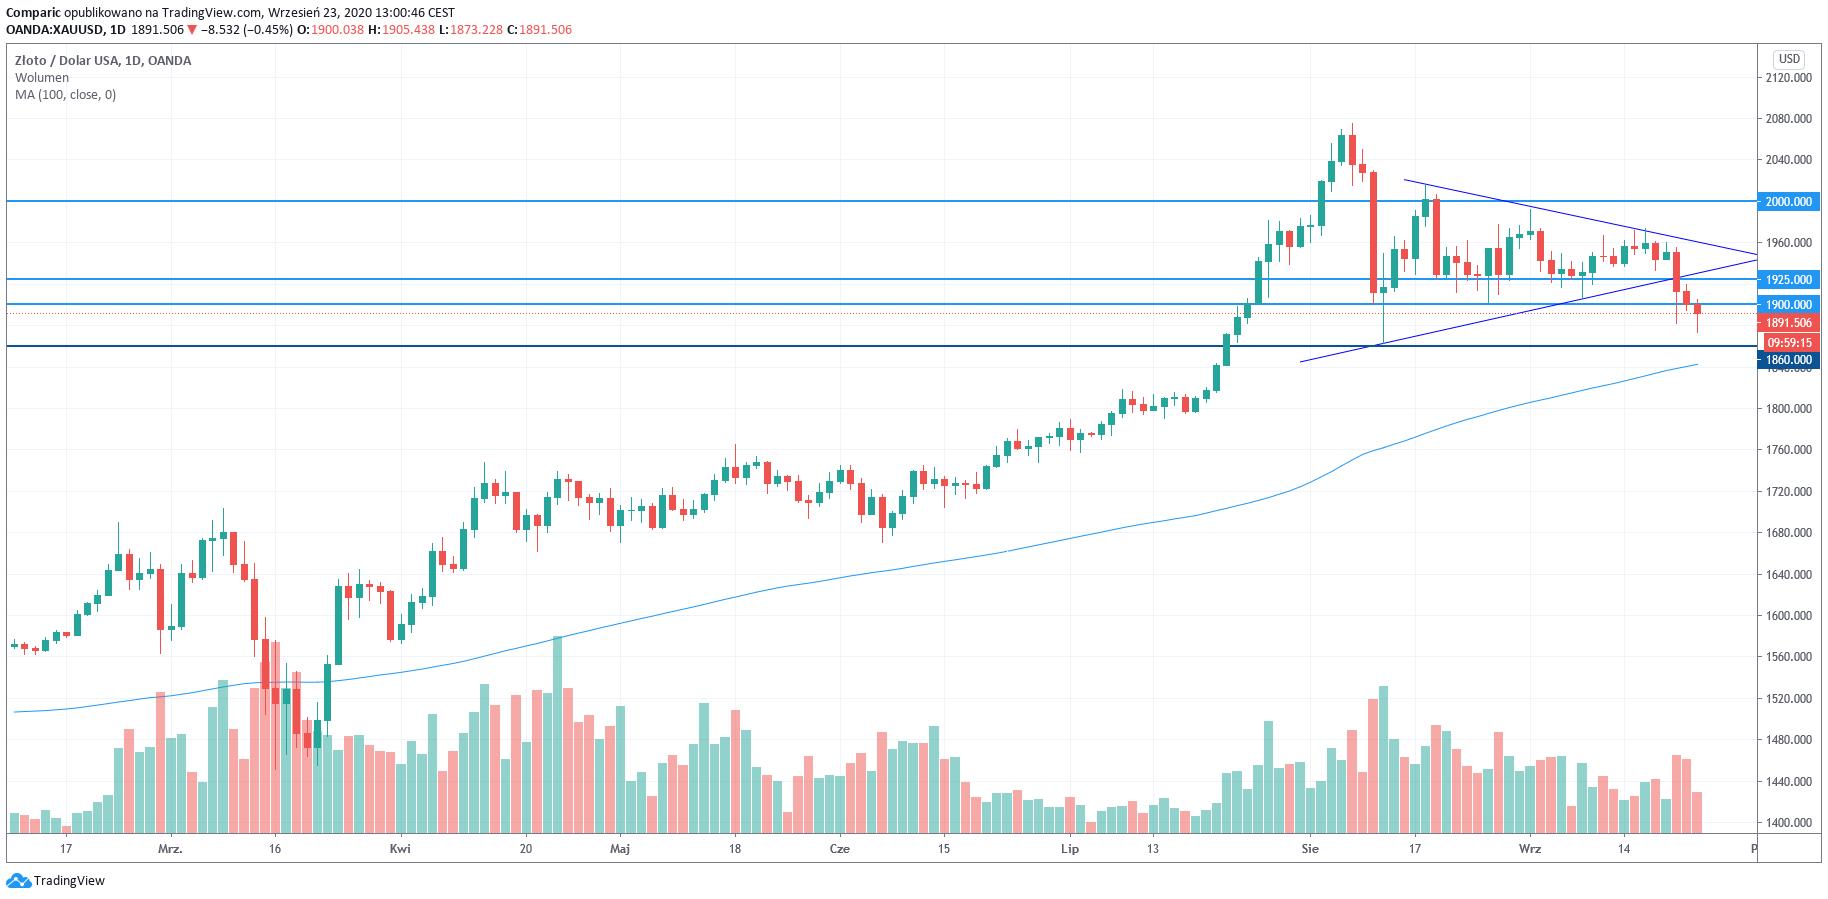 Cena złota poniżej 1900 dol. To już trzeci dzień silnych spadków kruszcu